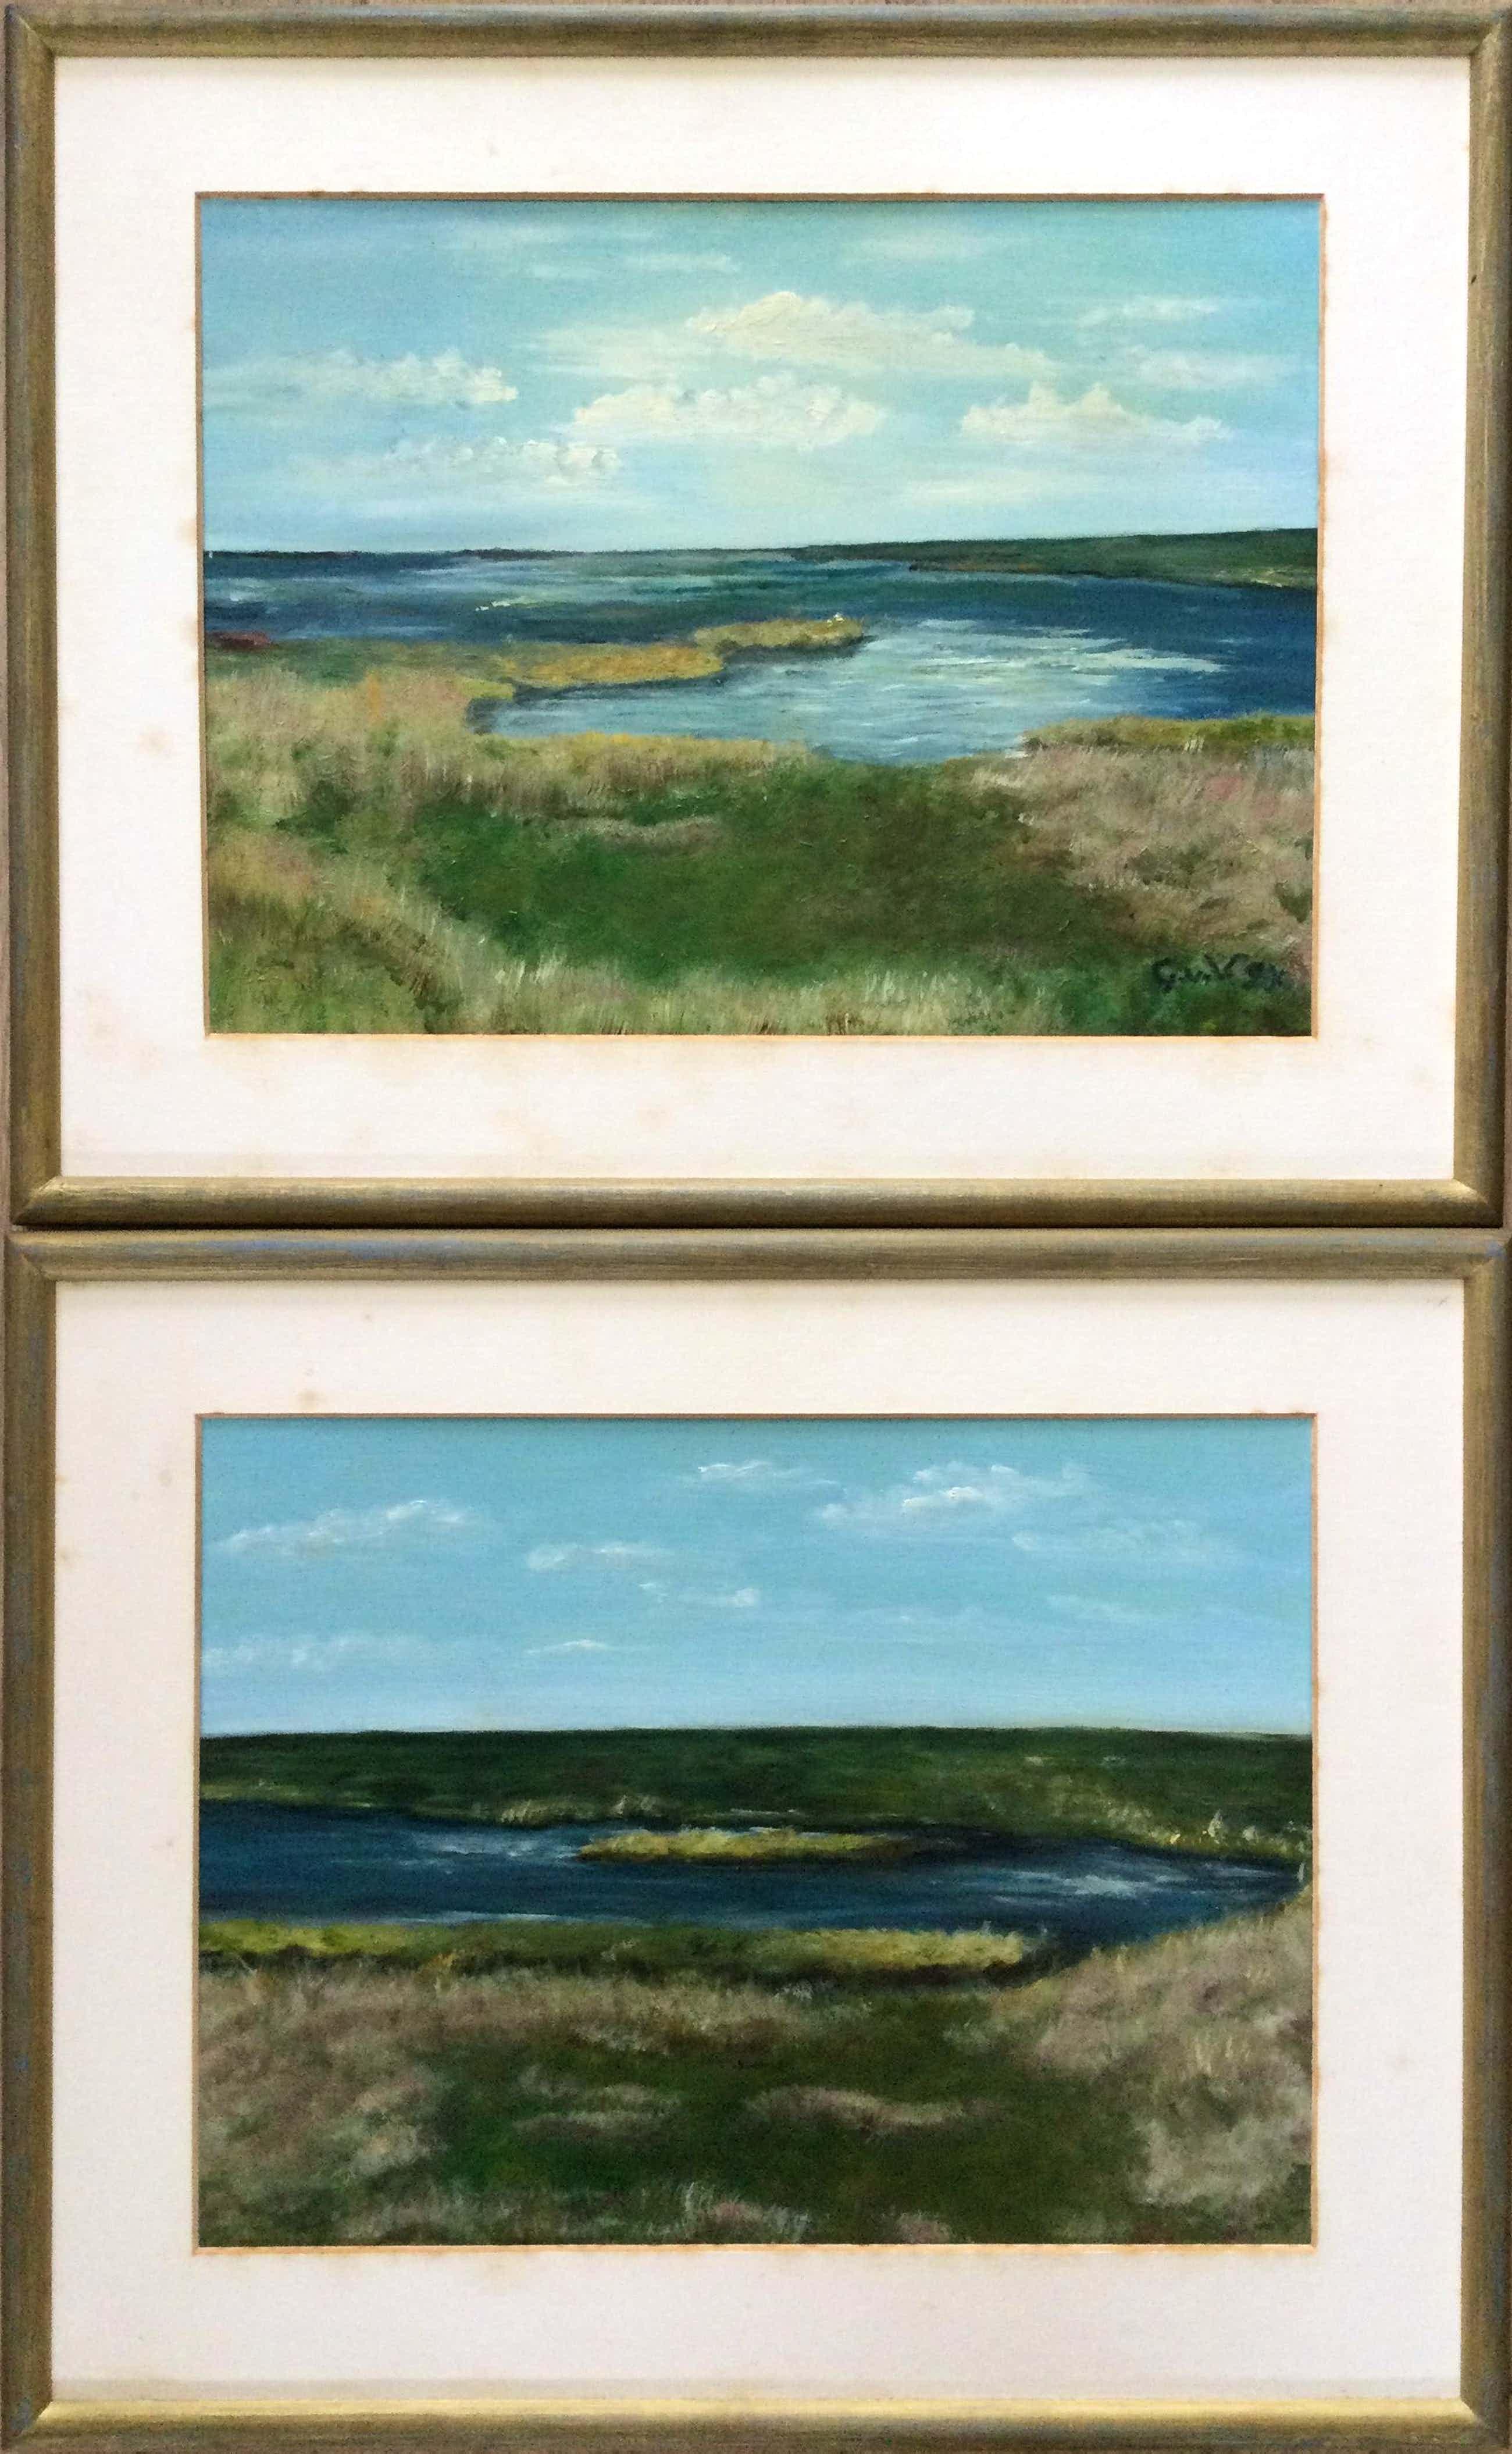 Niet of onleesbaar gesigneerd - 2x landschap Terschelling | 2x olieverf schilderijen (ingelijst) kopen? Bied vanaf 1!